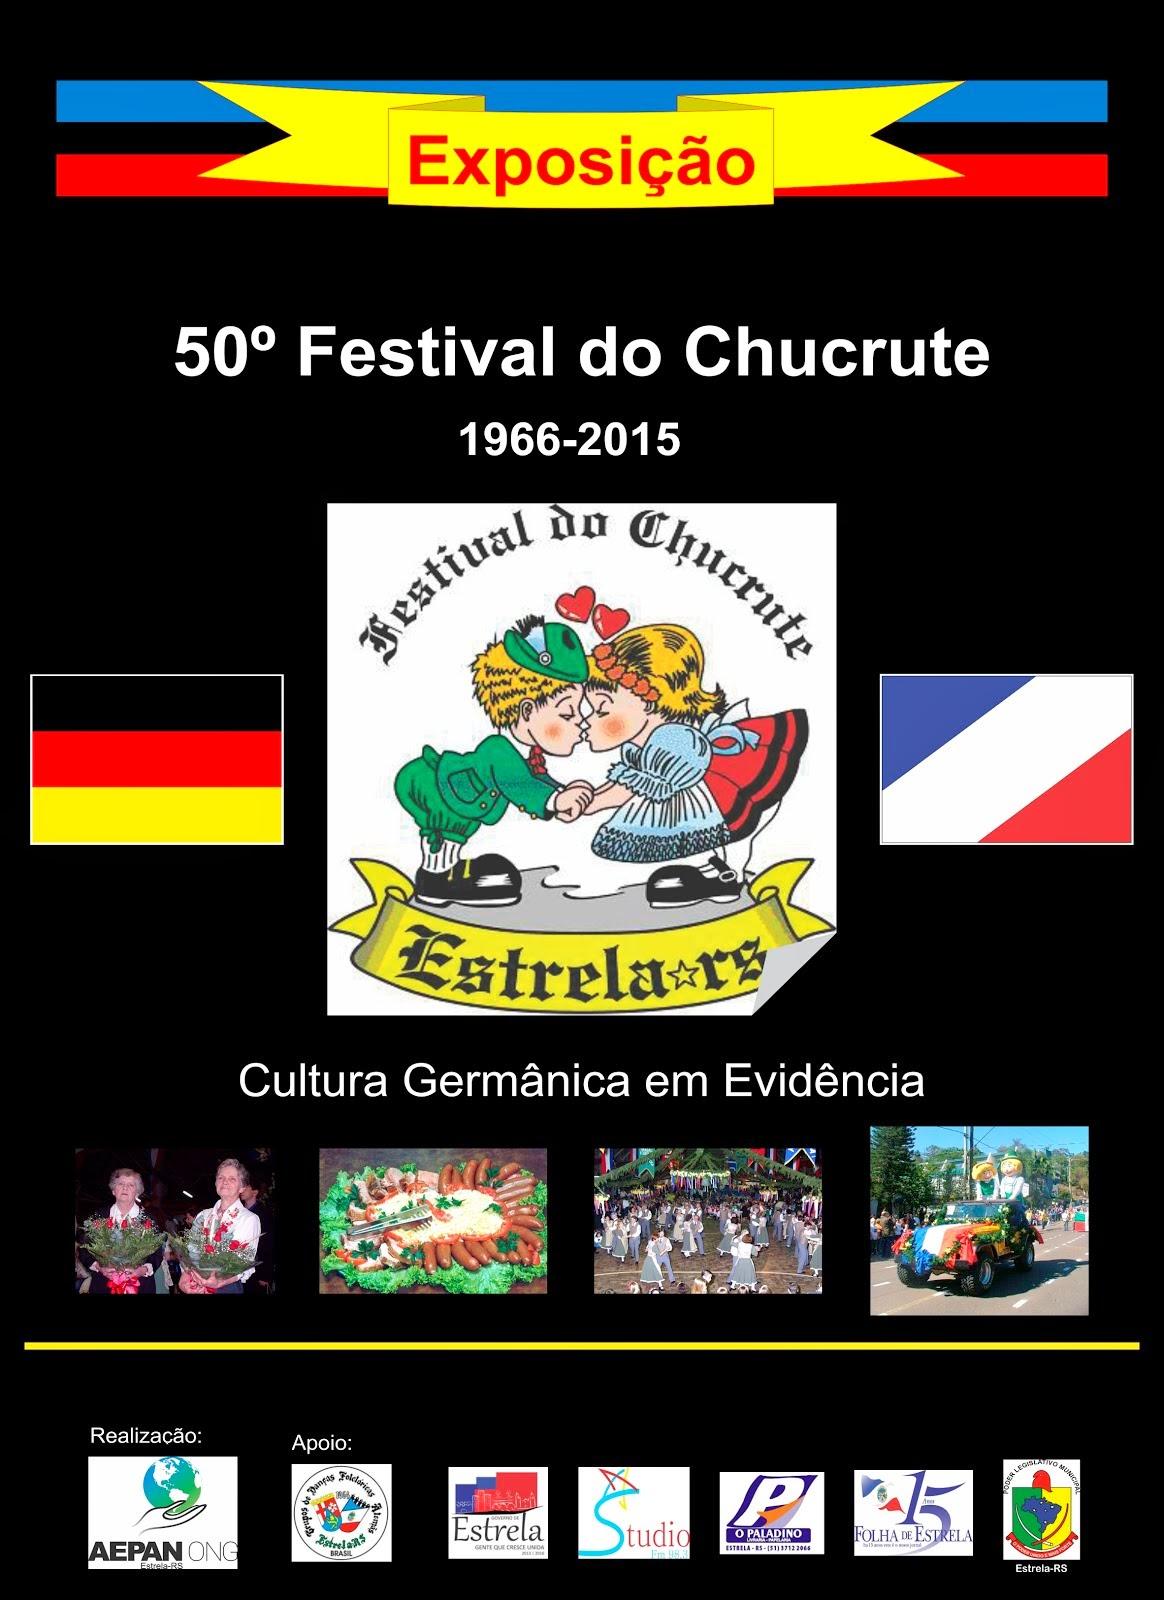 Exposição - 50 Anos do Festival do Chucrute